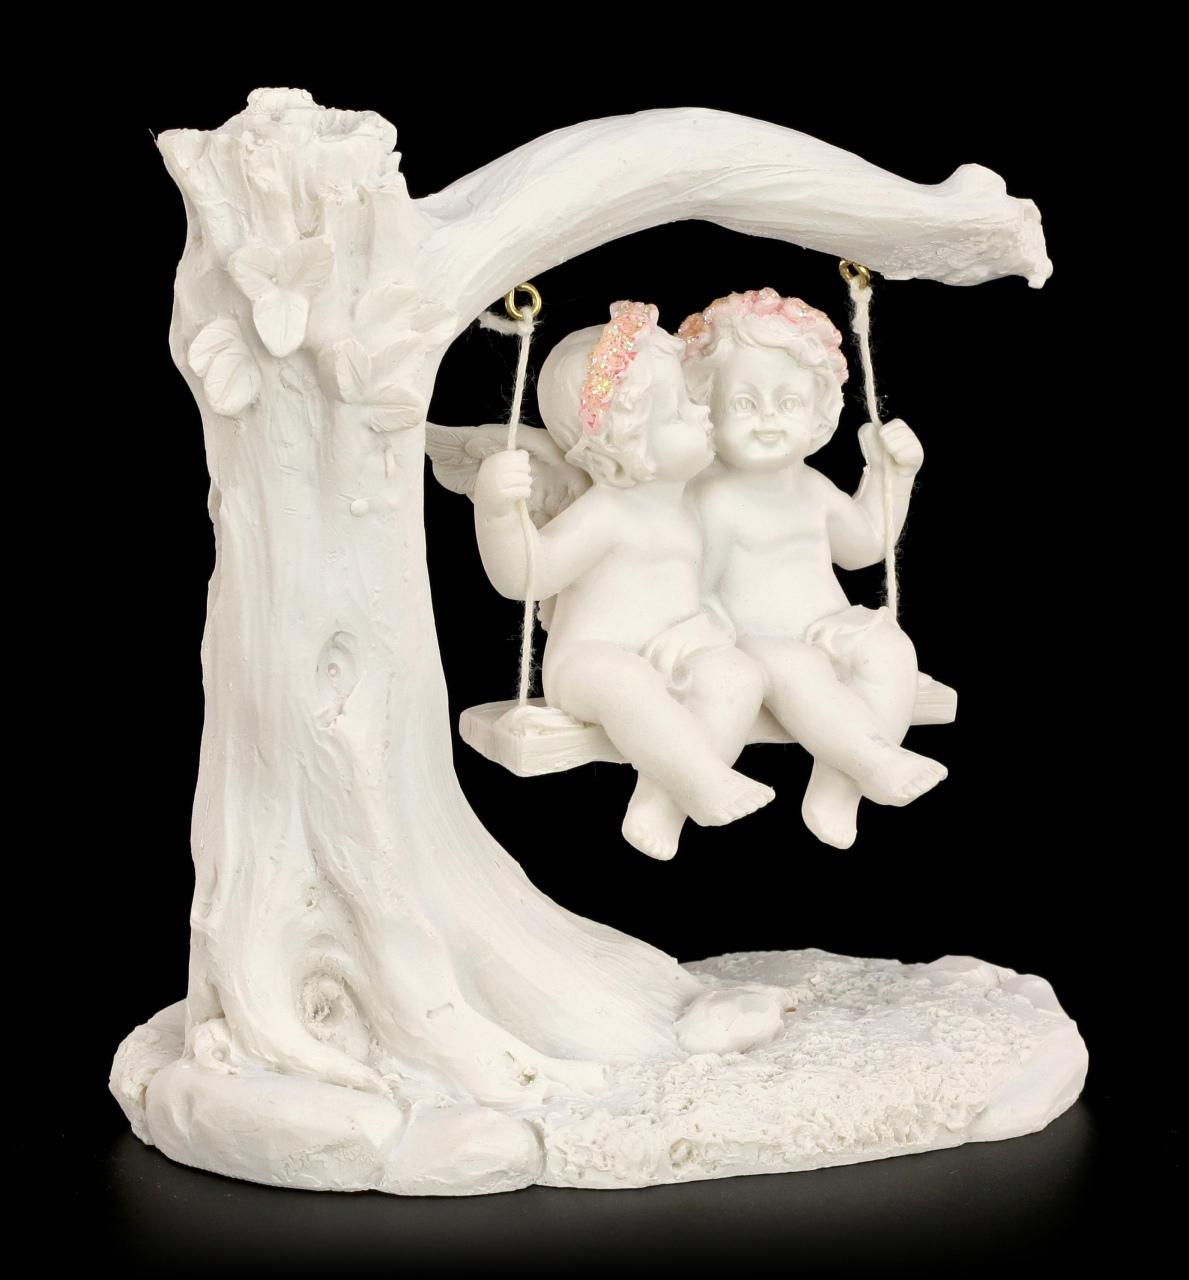 Ausmalbilder Garten Schön Mac Sculpture Candles Ausmalbilder Archives – Page 15 15